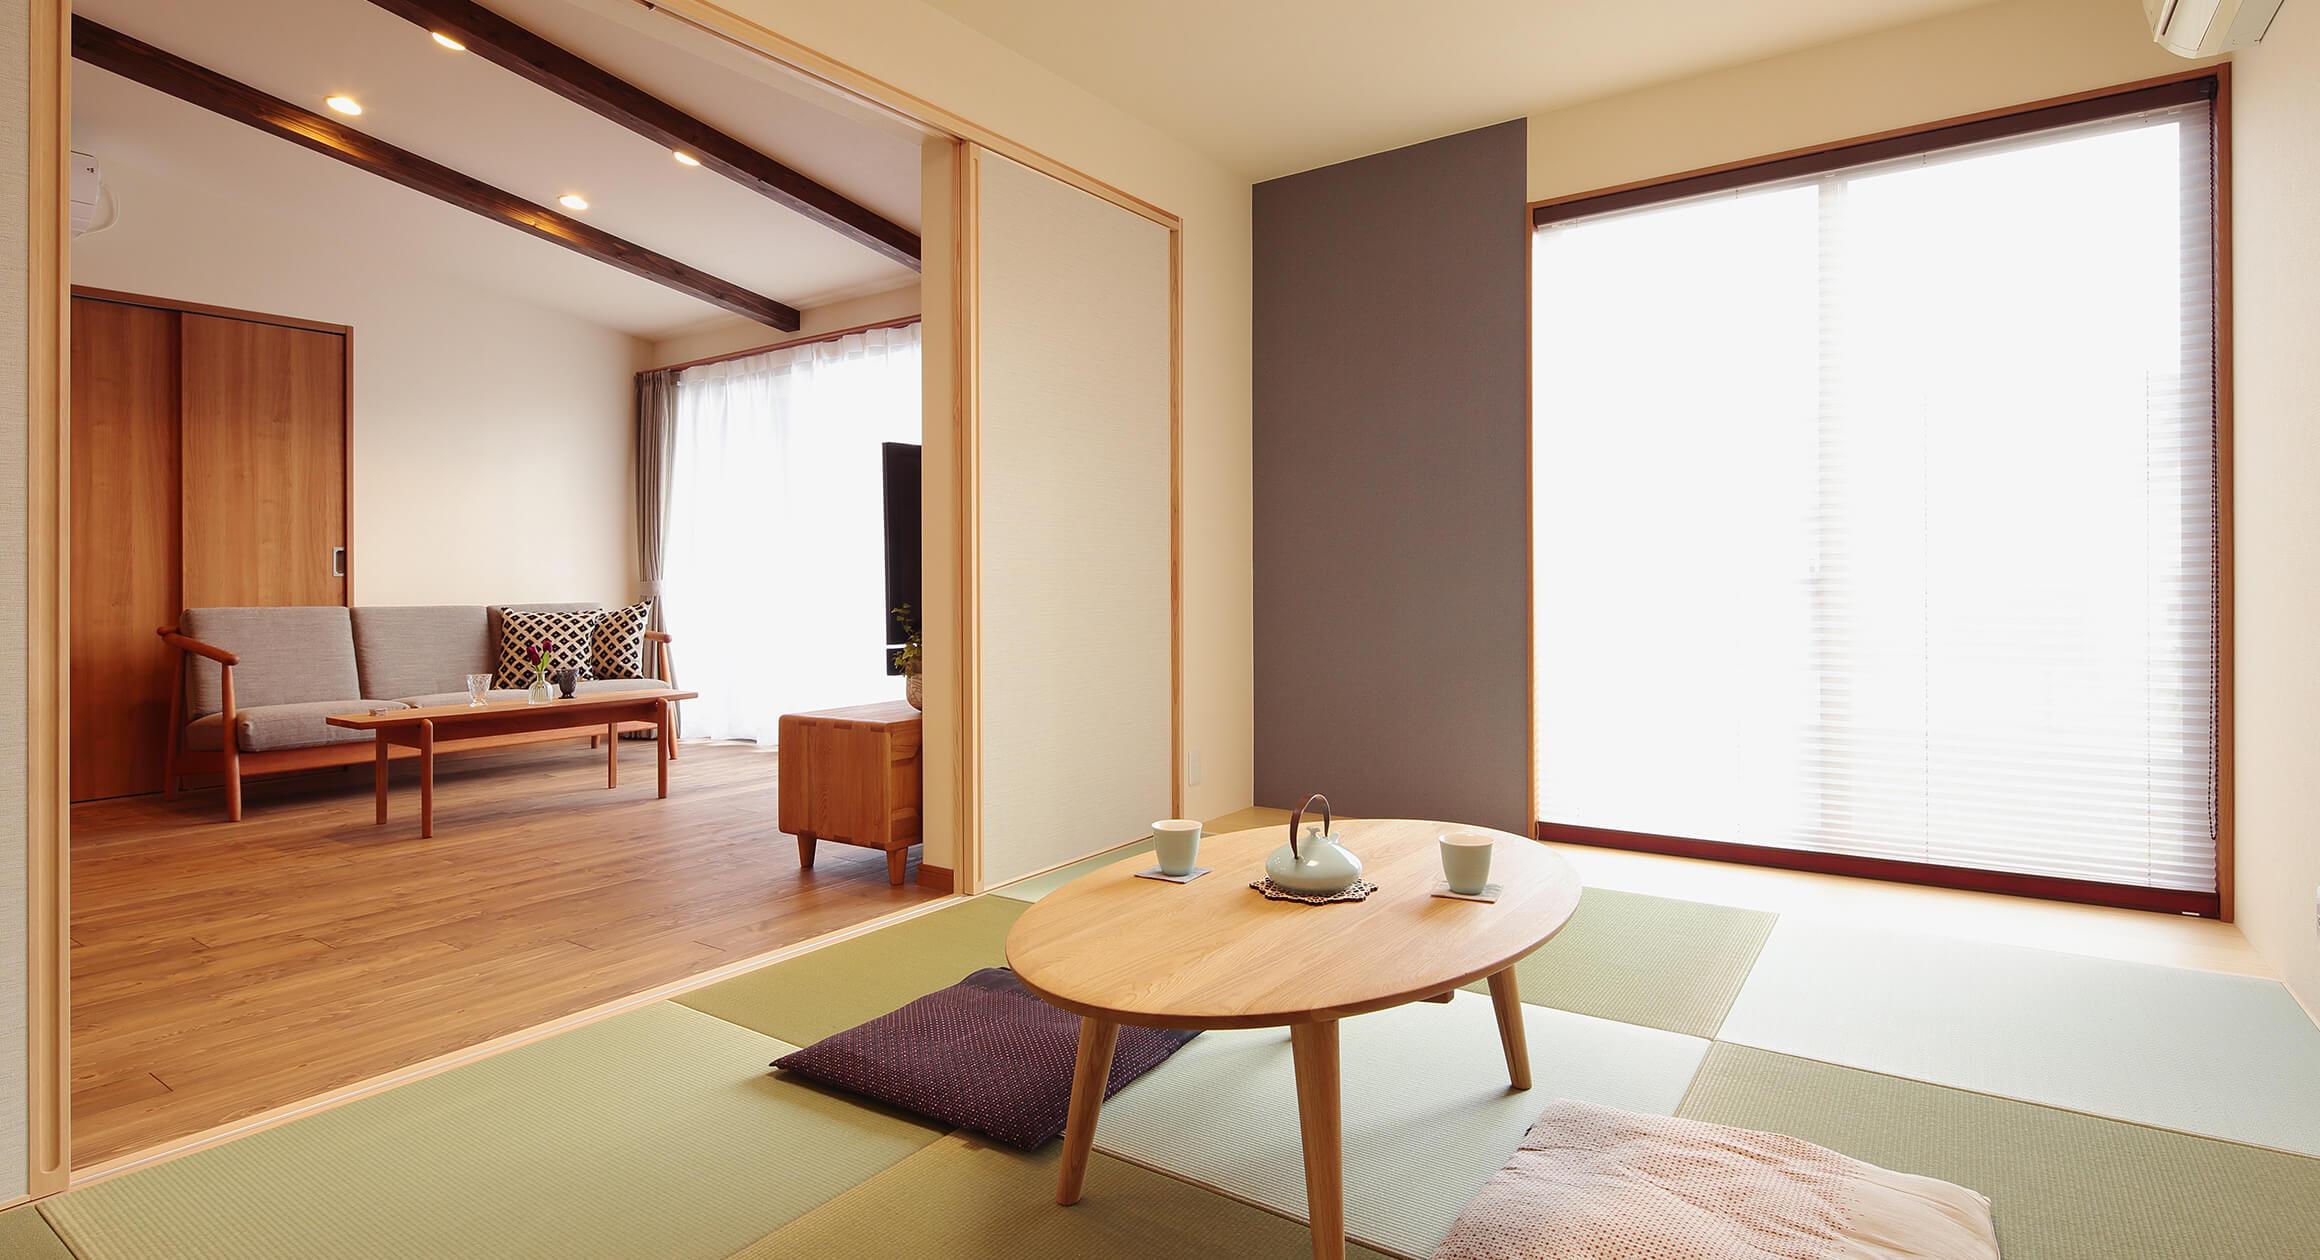 三友工務店のリフォーム・リノベーション事例 熊本市S様邸